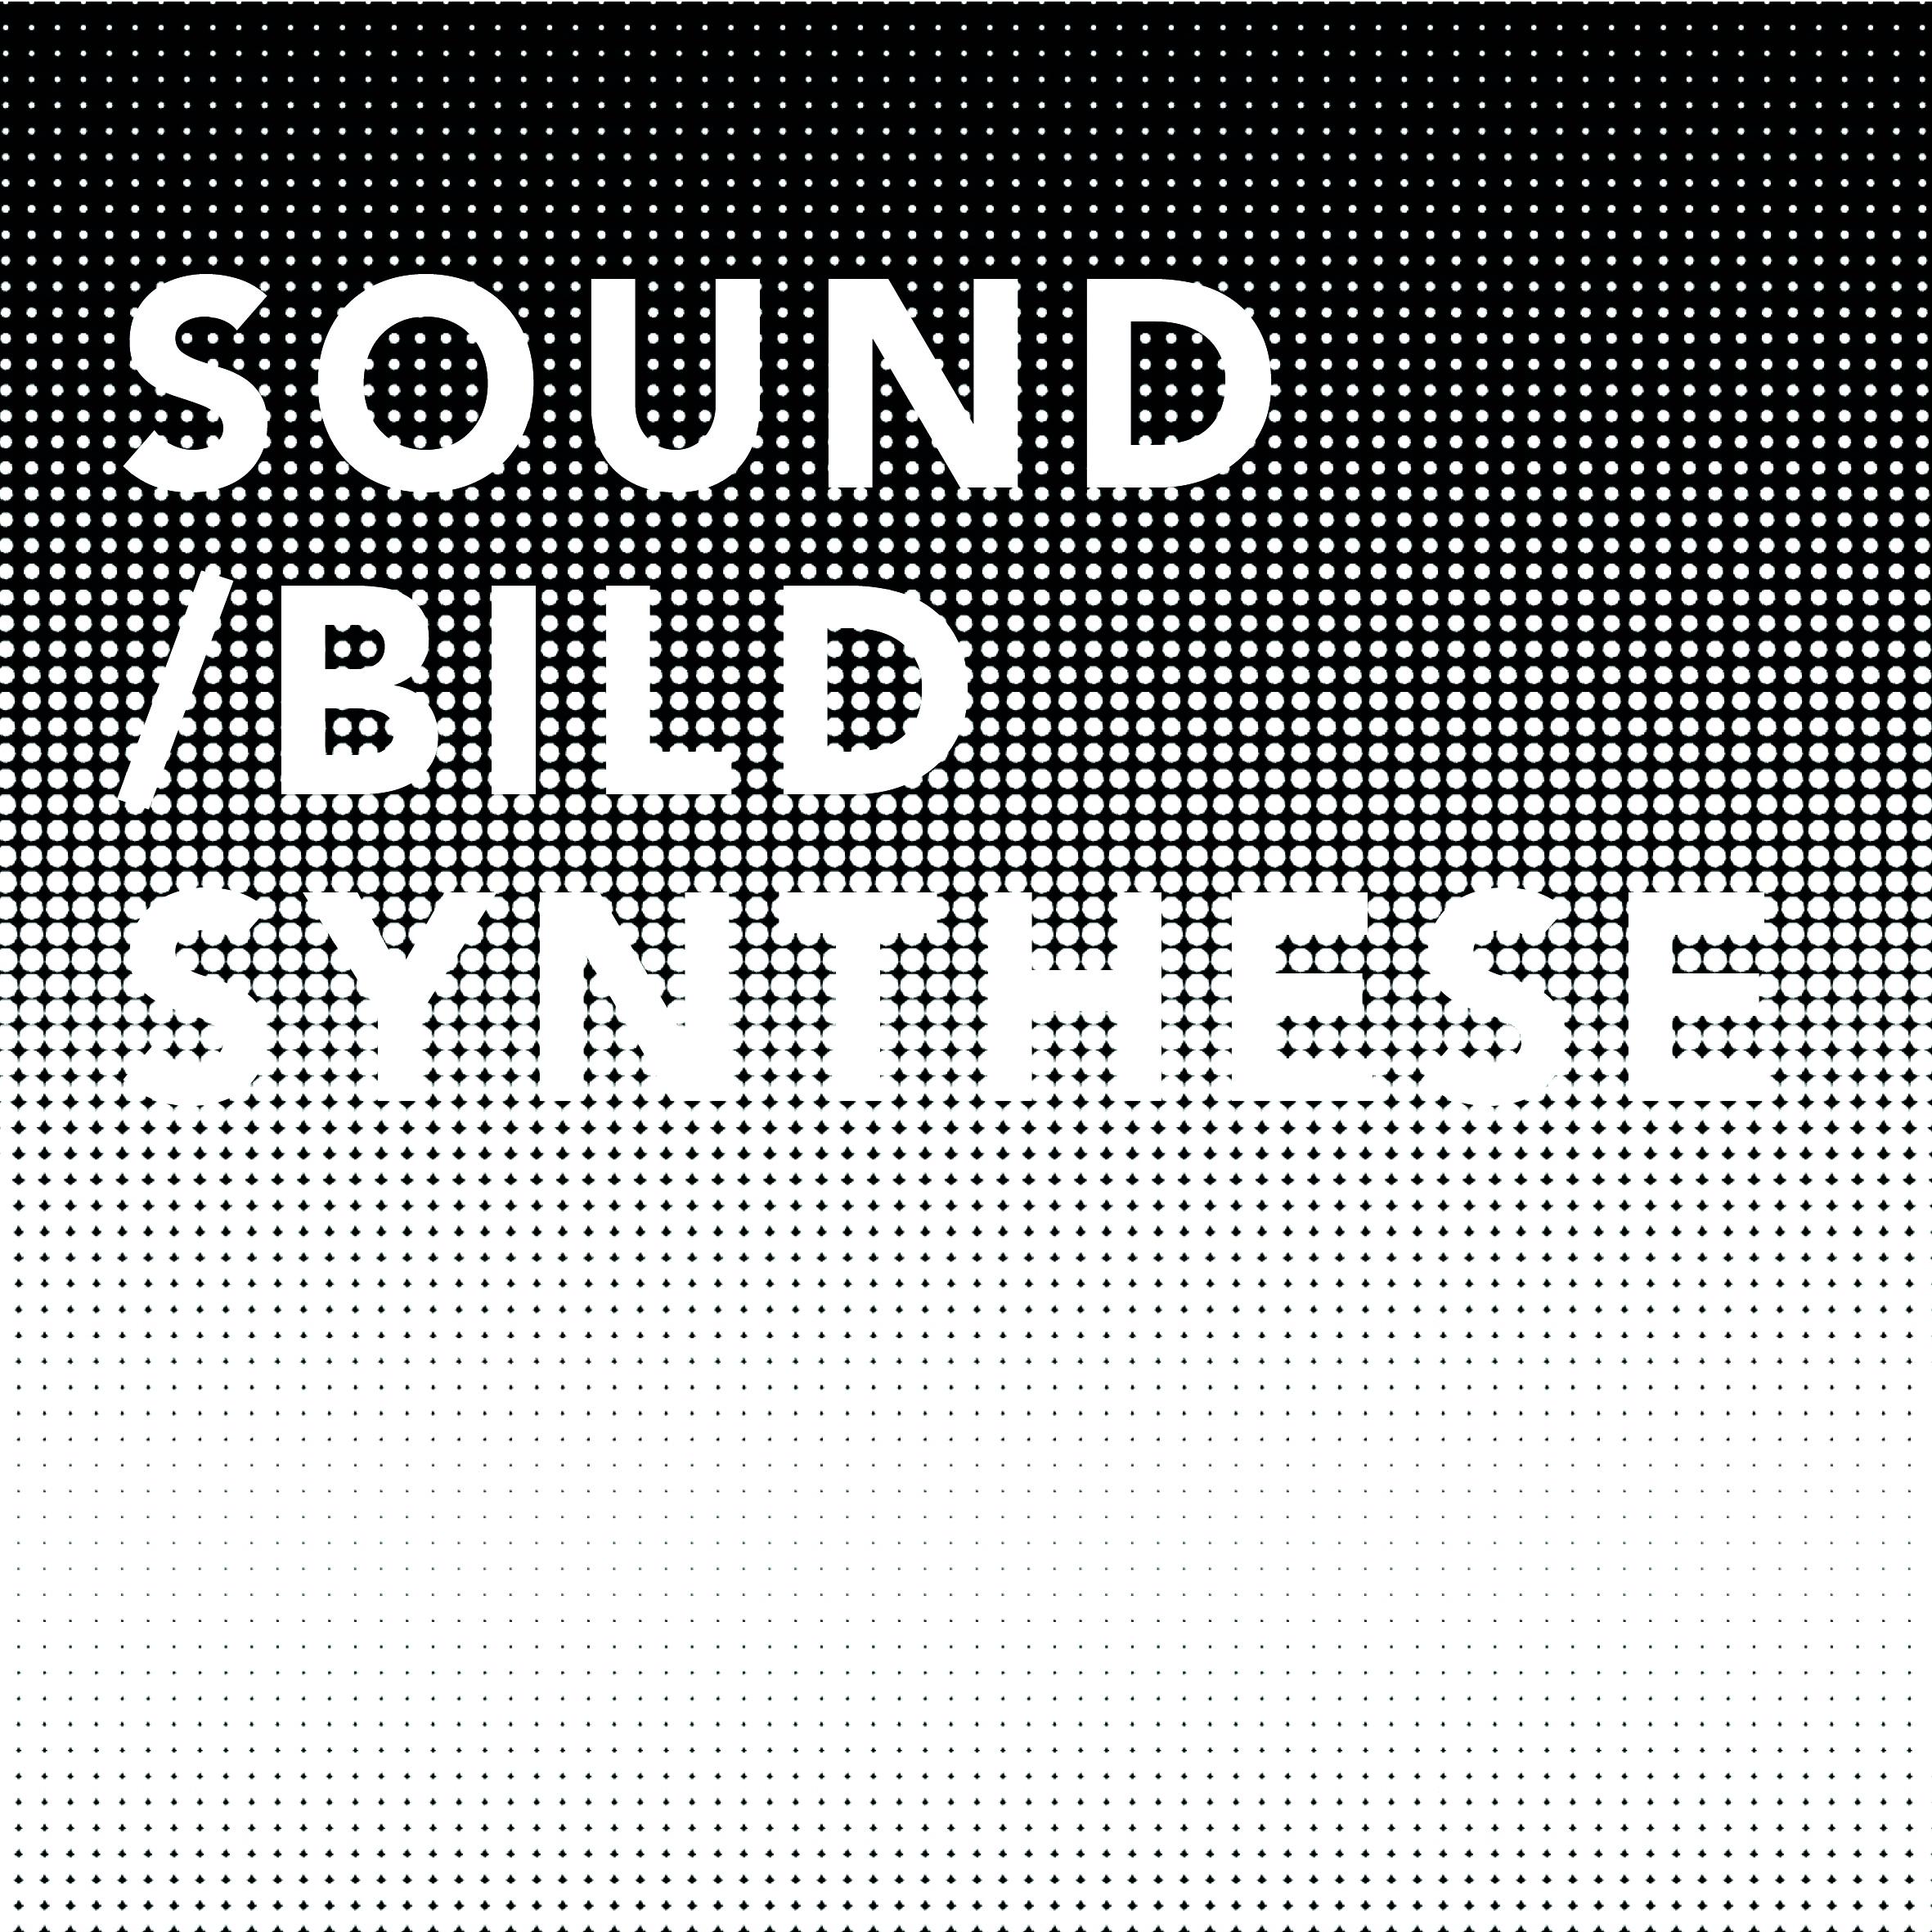 SOUND/BILD SYNTHESE